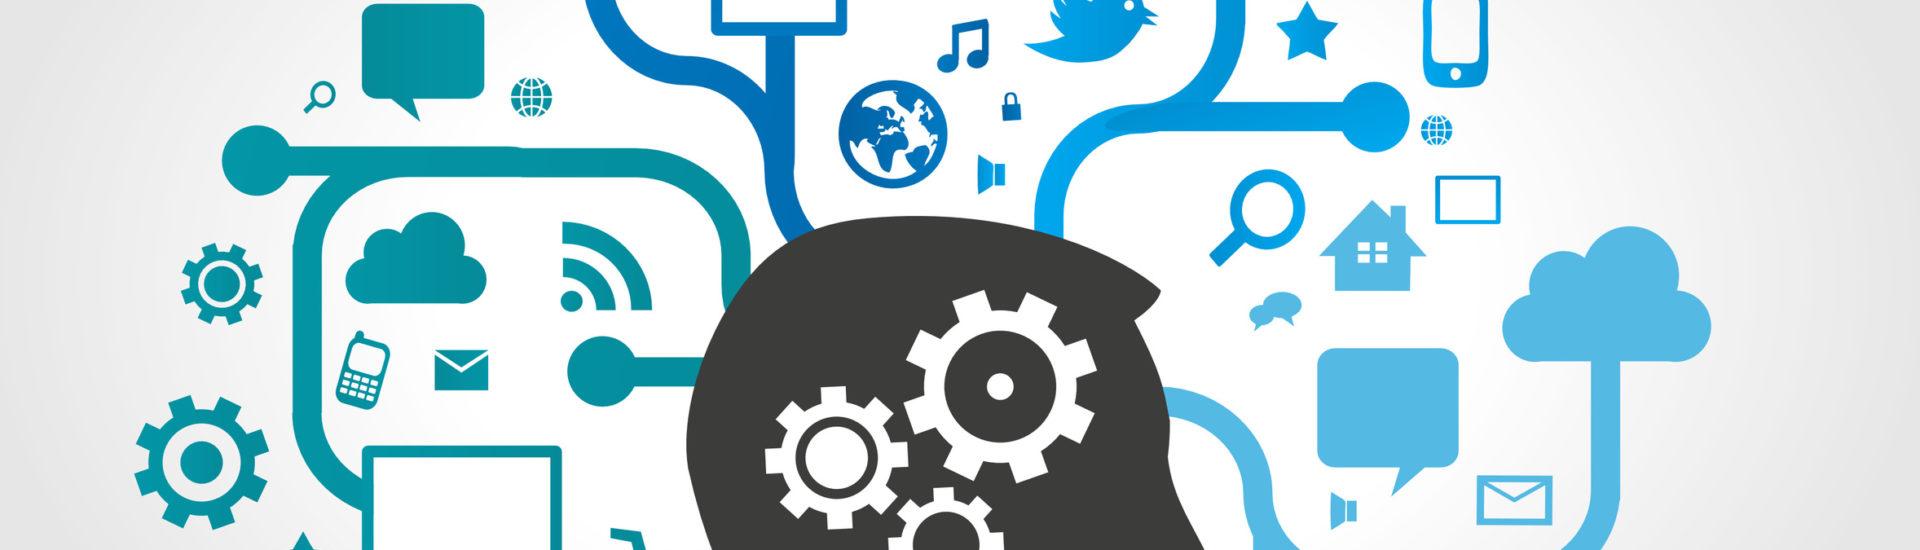 Webmarketing-Pourquoi-avoir-recours-aux-services-d-une-agence-web-.jpg